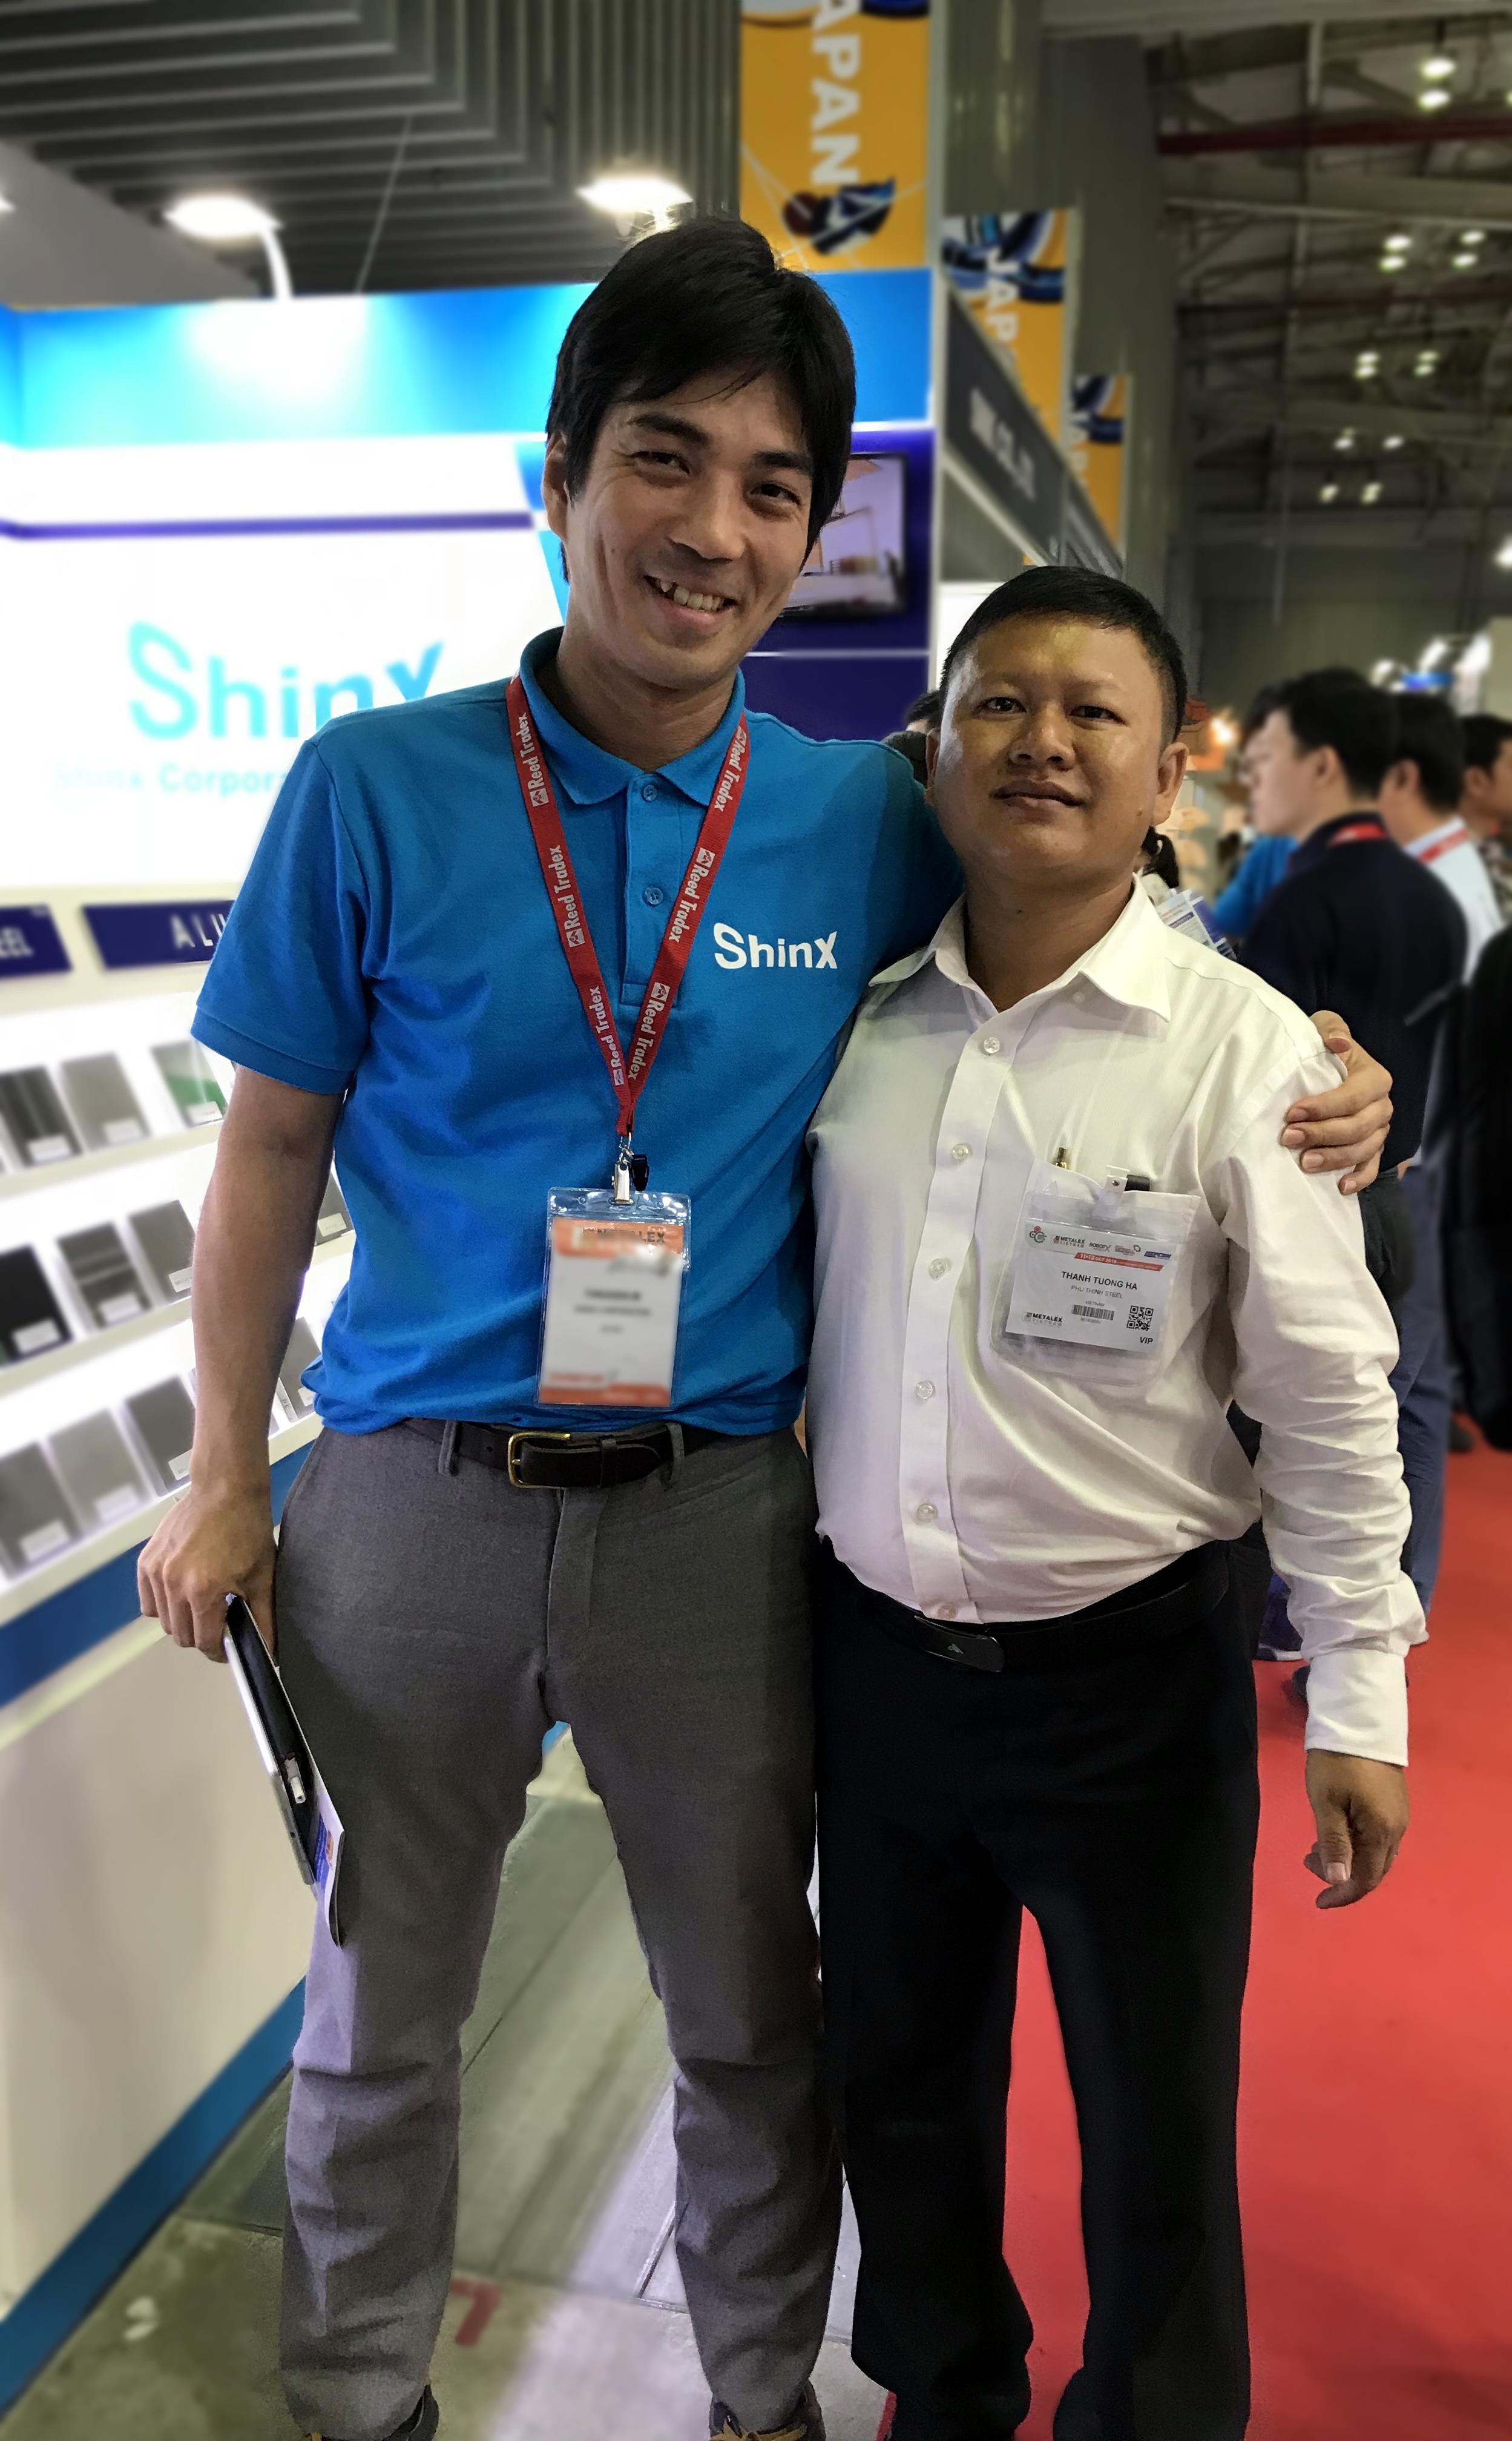 Công ty TNHH công nghiệp Phú Thịnh tham dự Metalex 2018